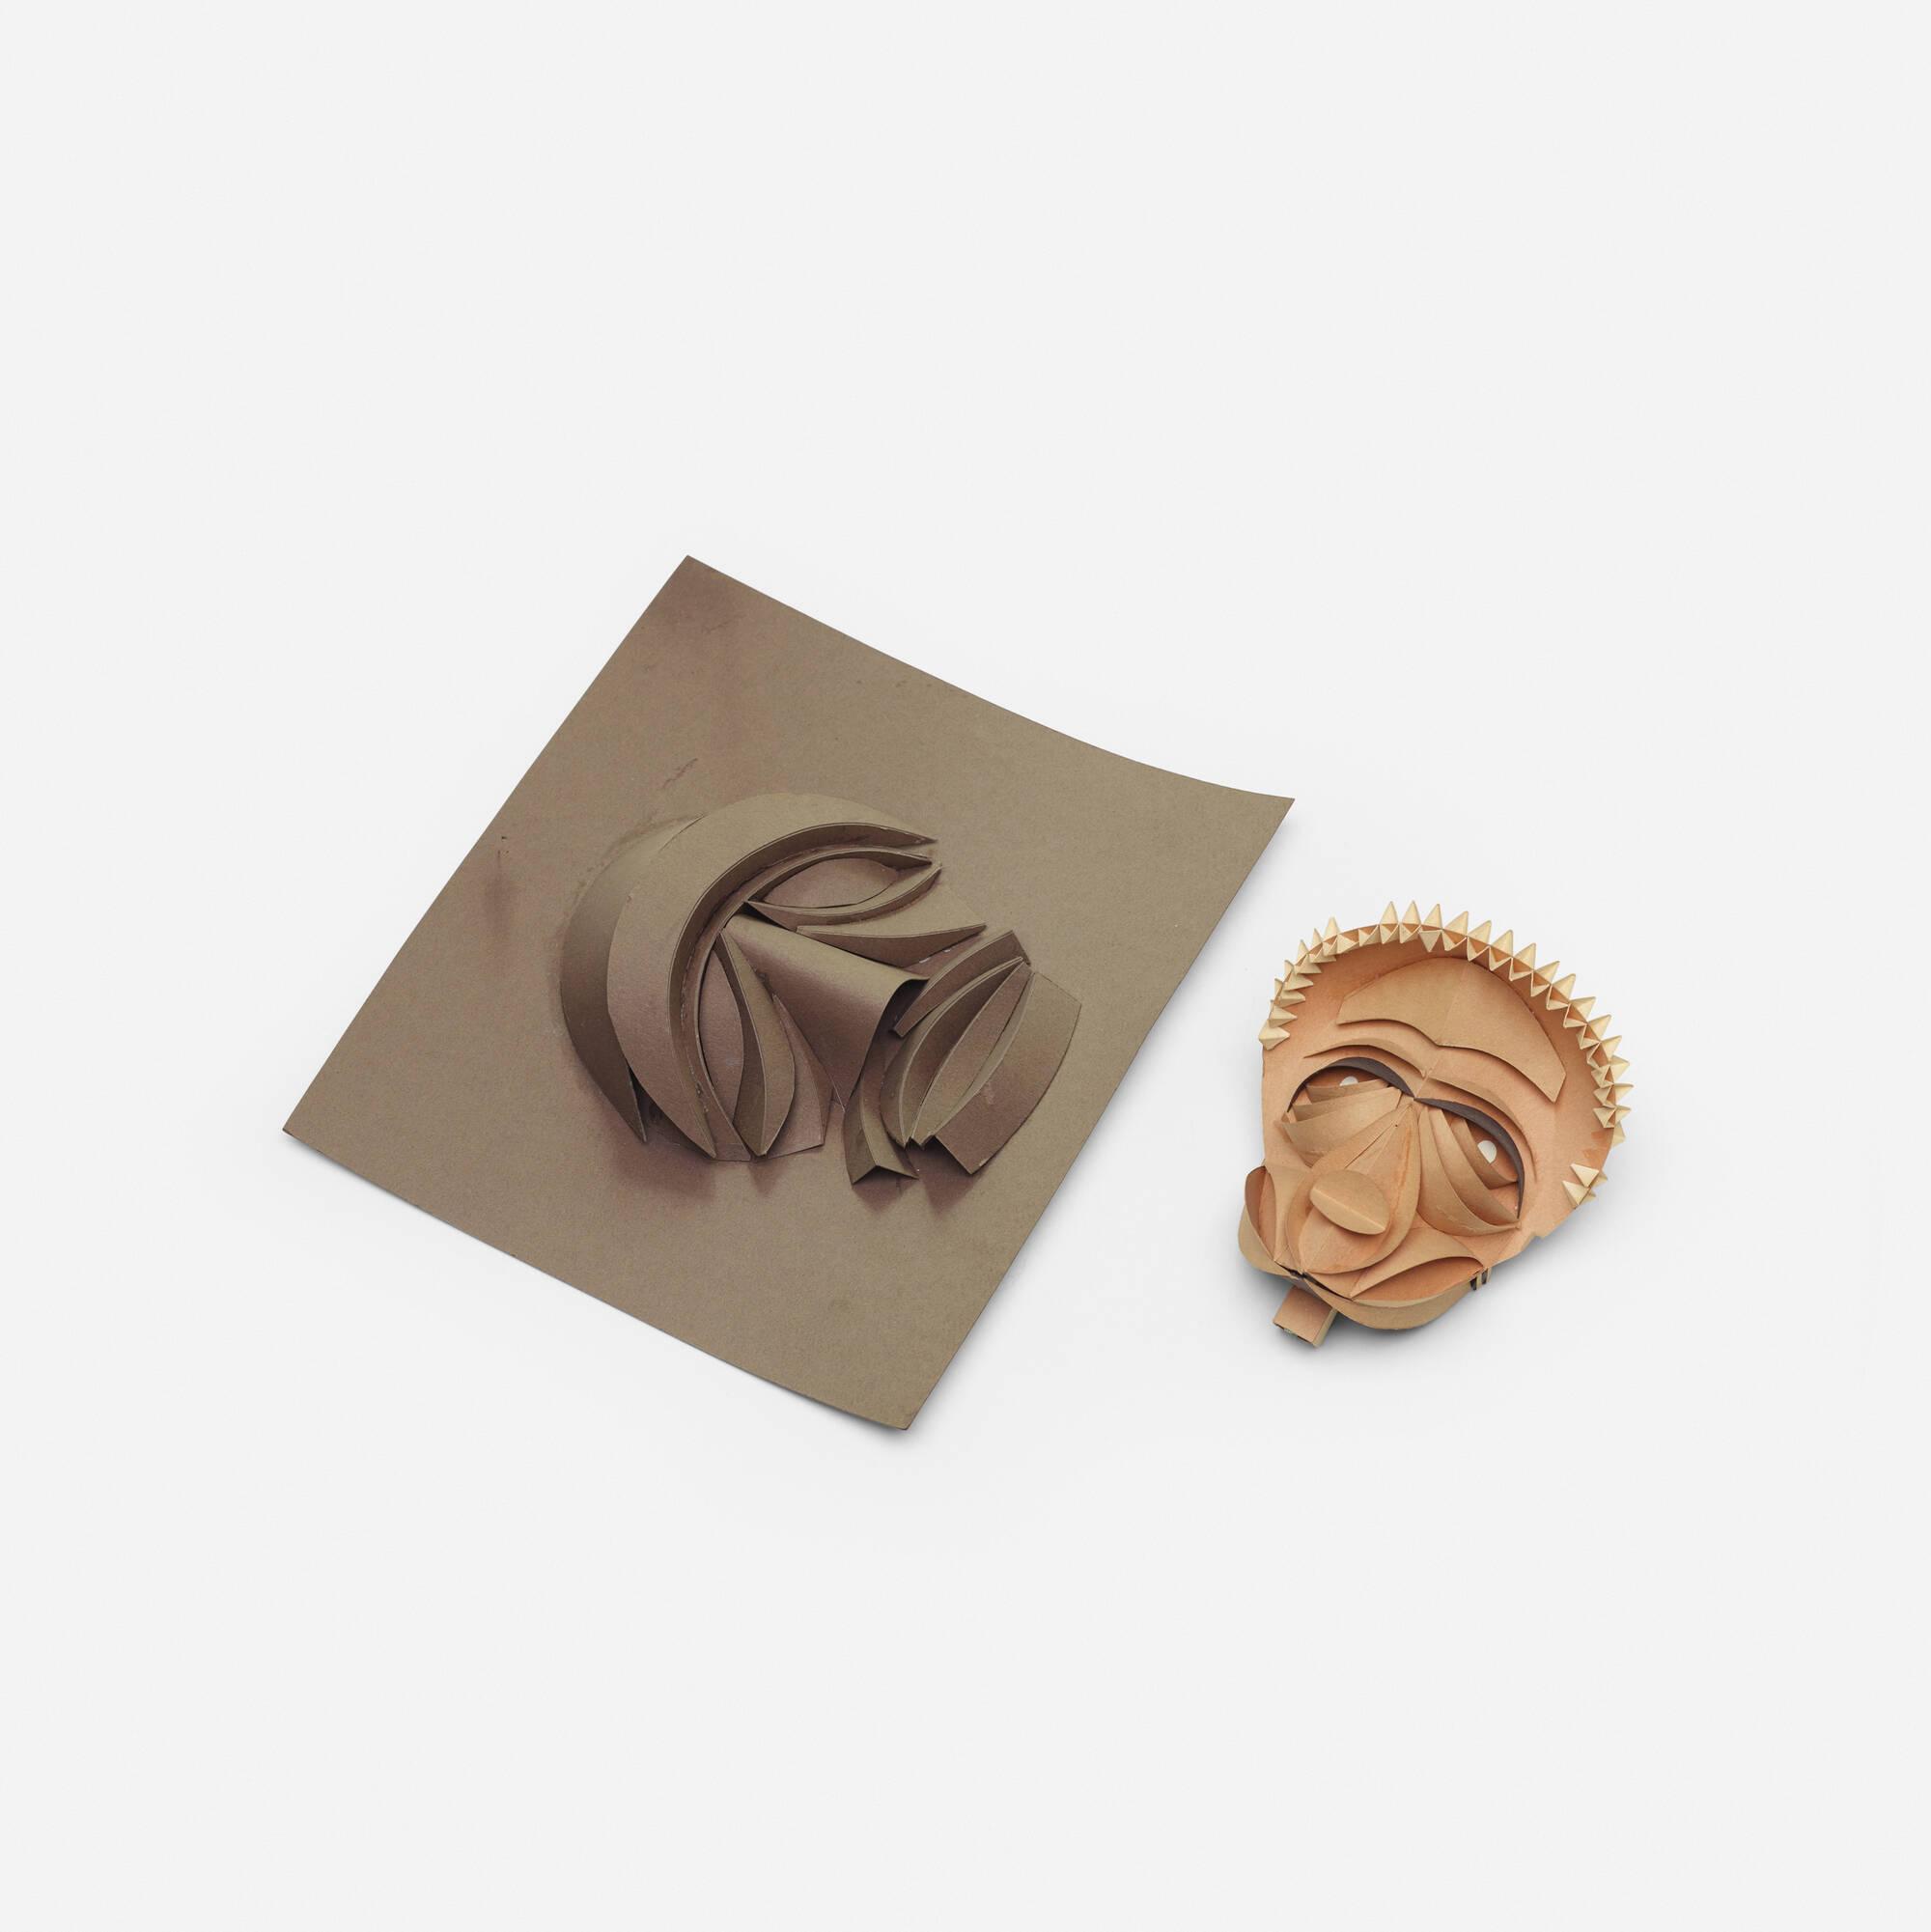 341: Irving Harper / Untitled (Masks, pair) (1 of 1)